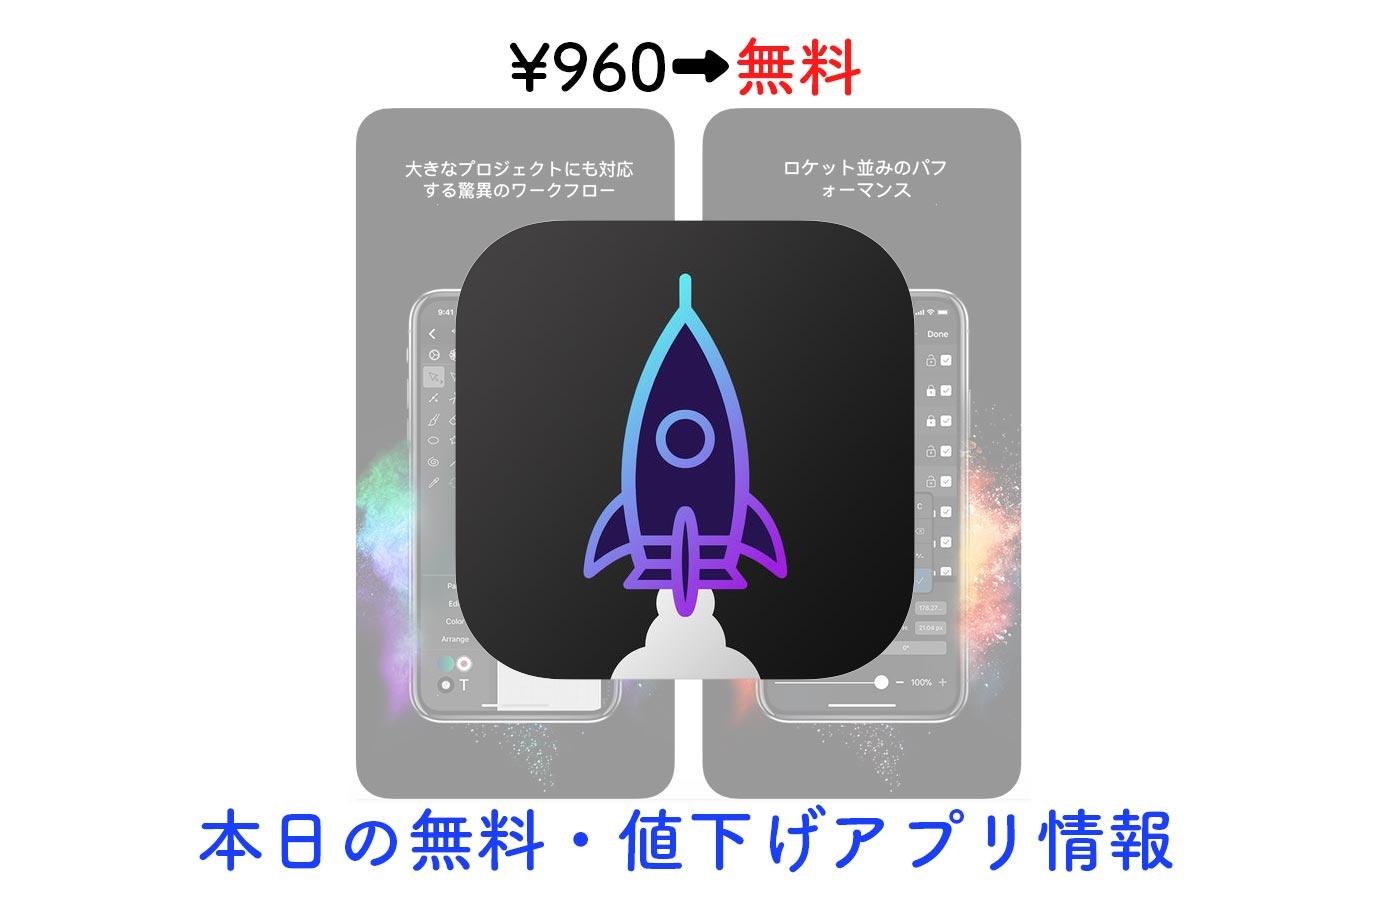 ¥960→無料、プロ仕様のベクタグラフィックスアプリ「Vectornator Pro」など【4/1】セールアプリ情報